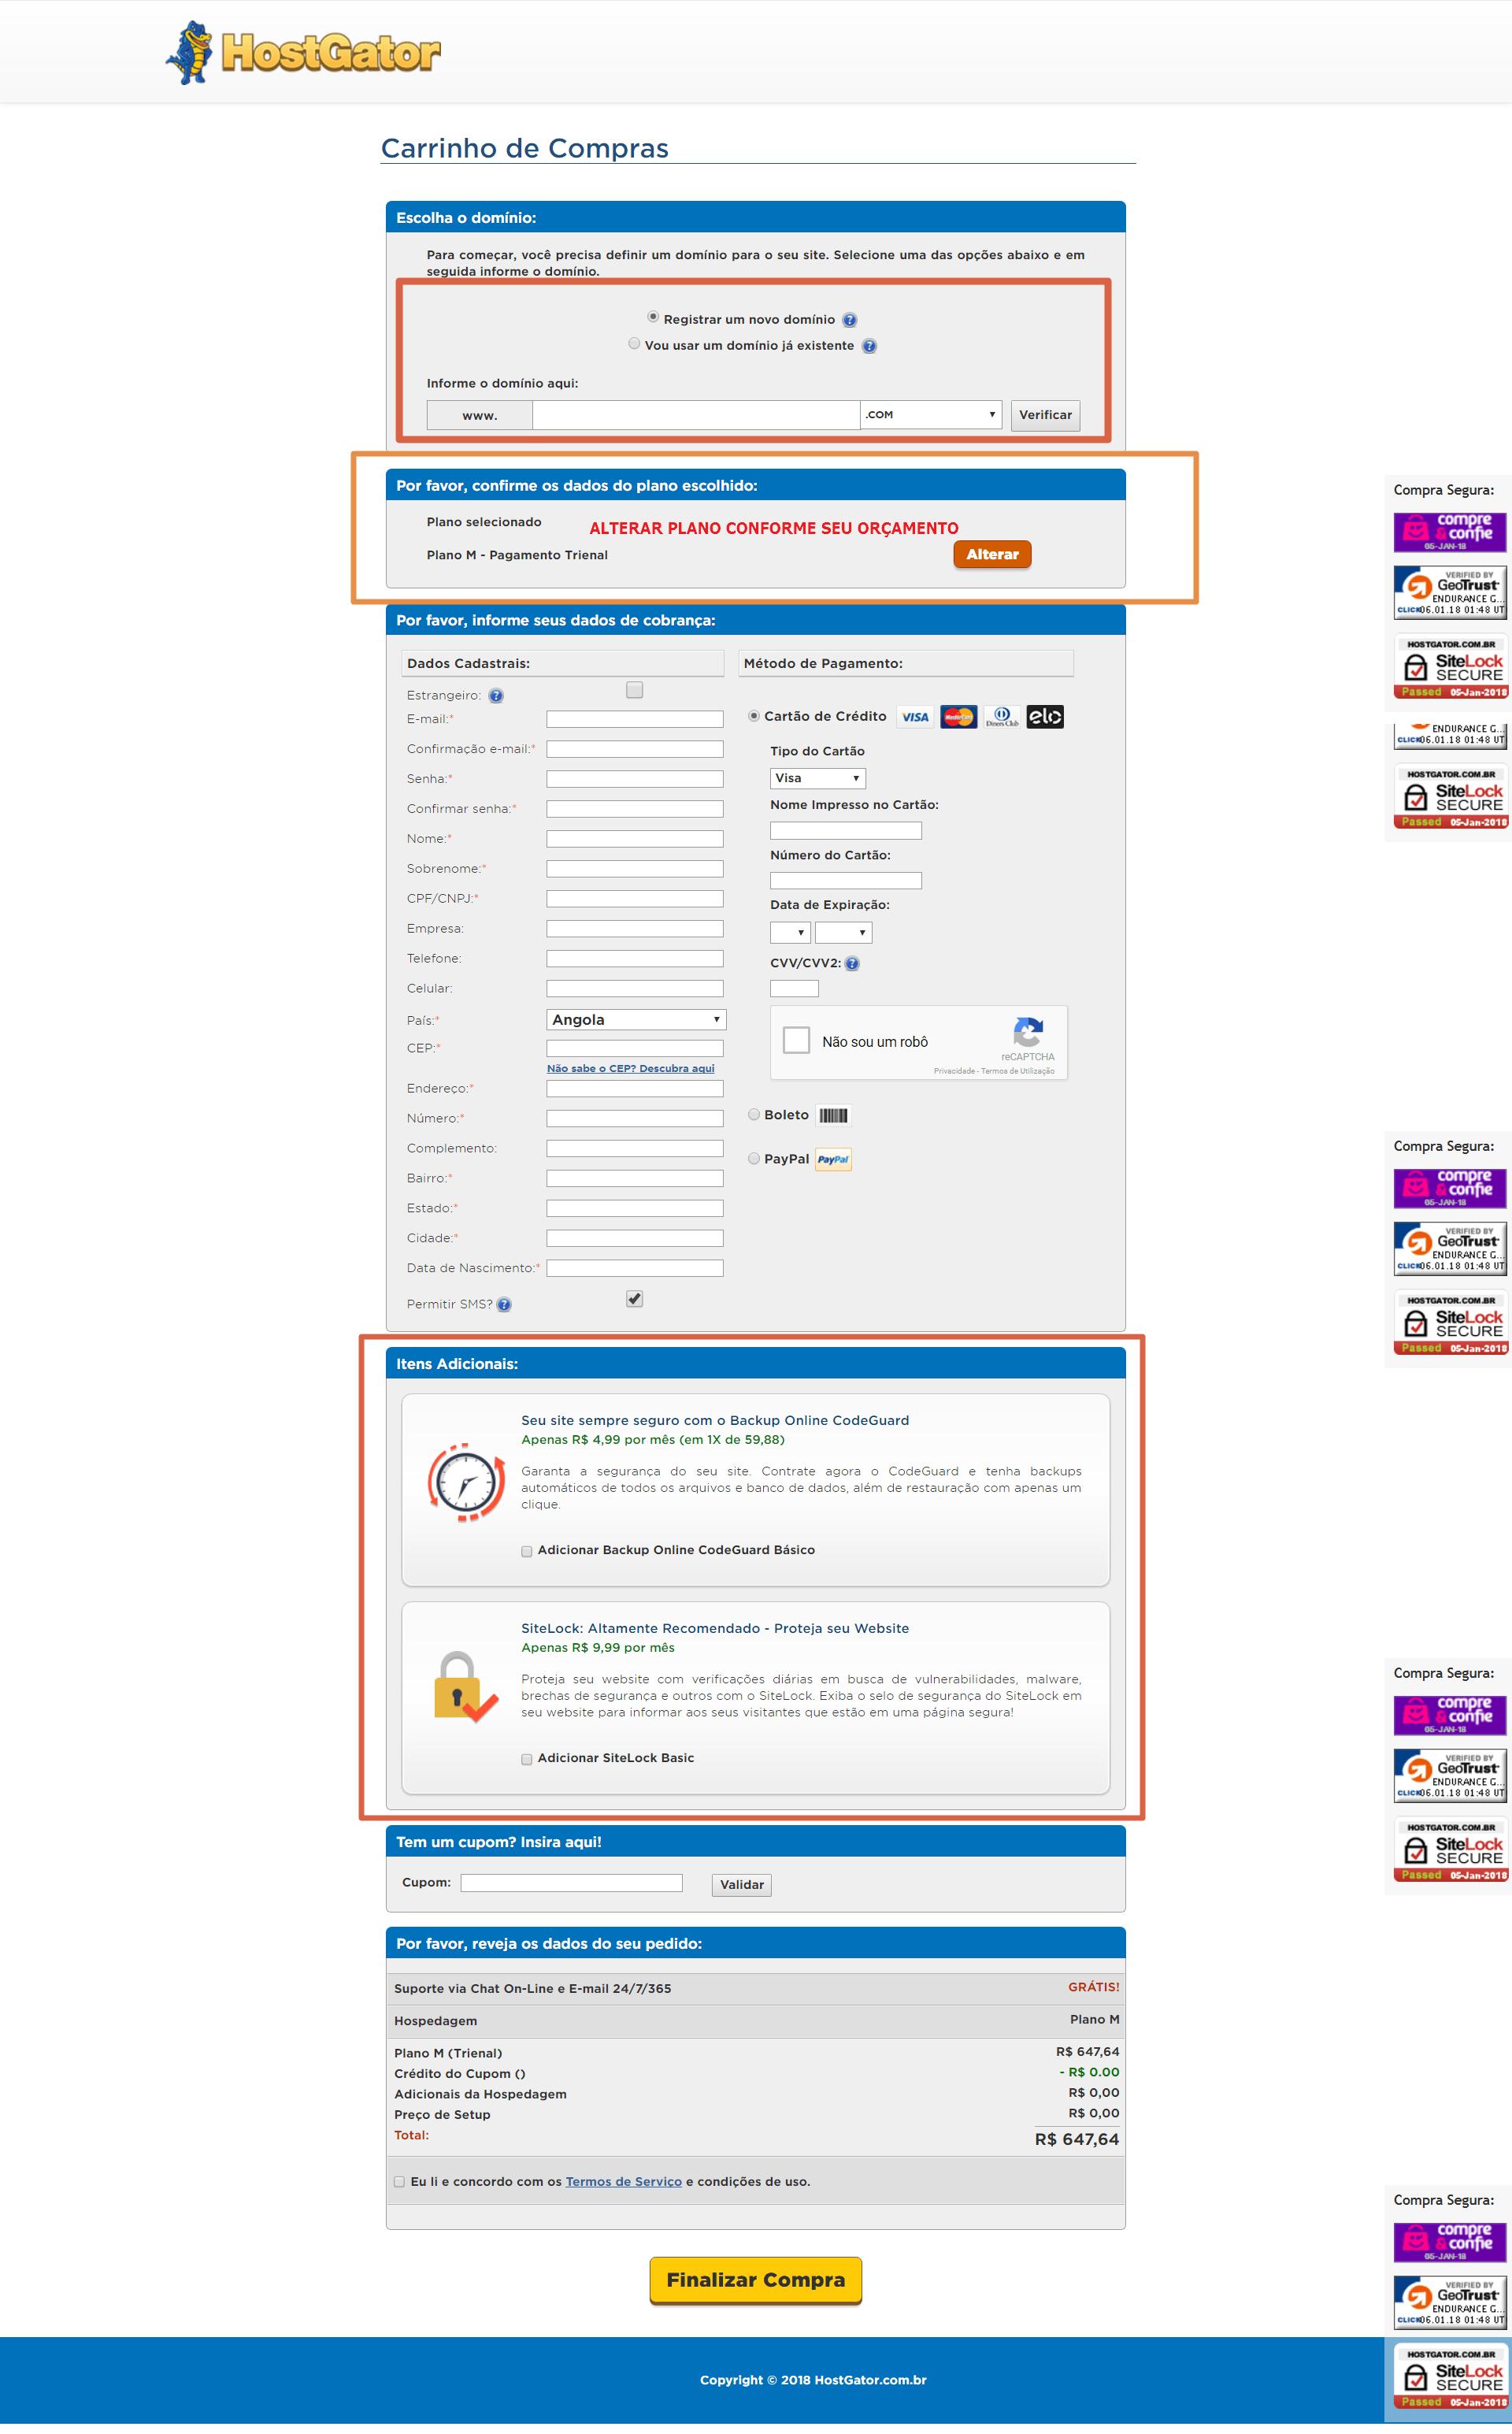 Hostgator - Comprar Hospedagem para Criar Blog